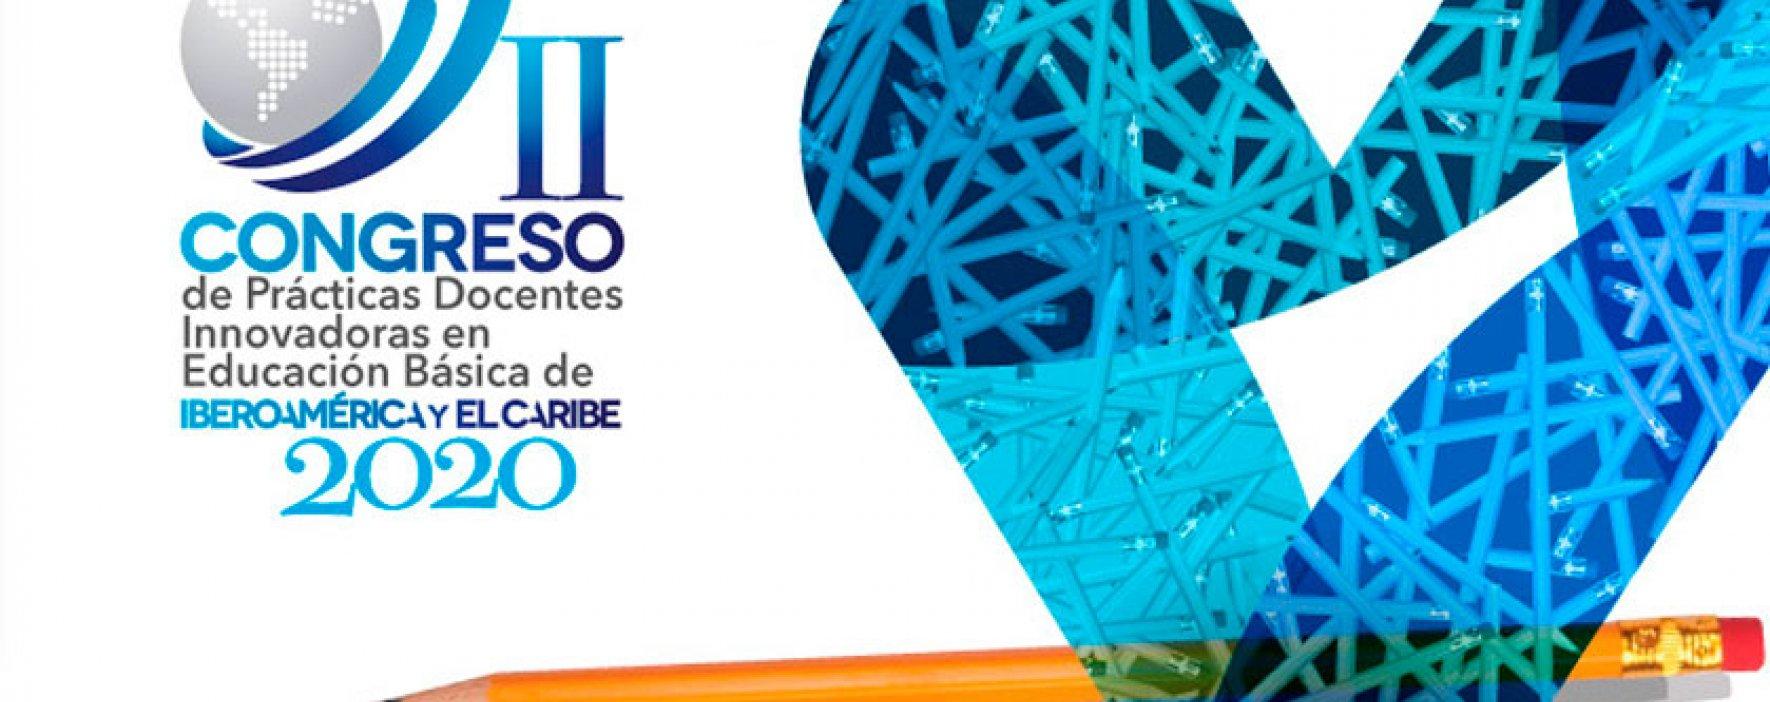 Convocatoria para docentes y directivos docentes de Iberoamérica y el Caribe